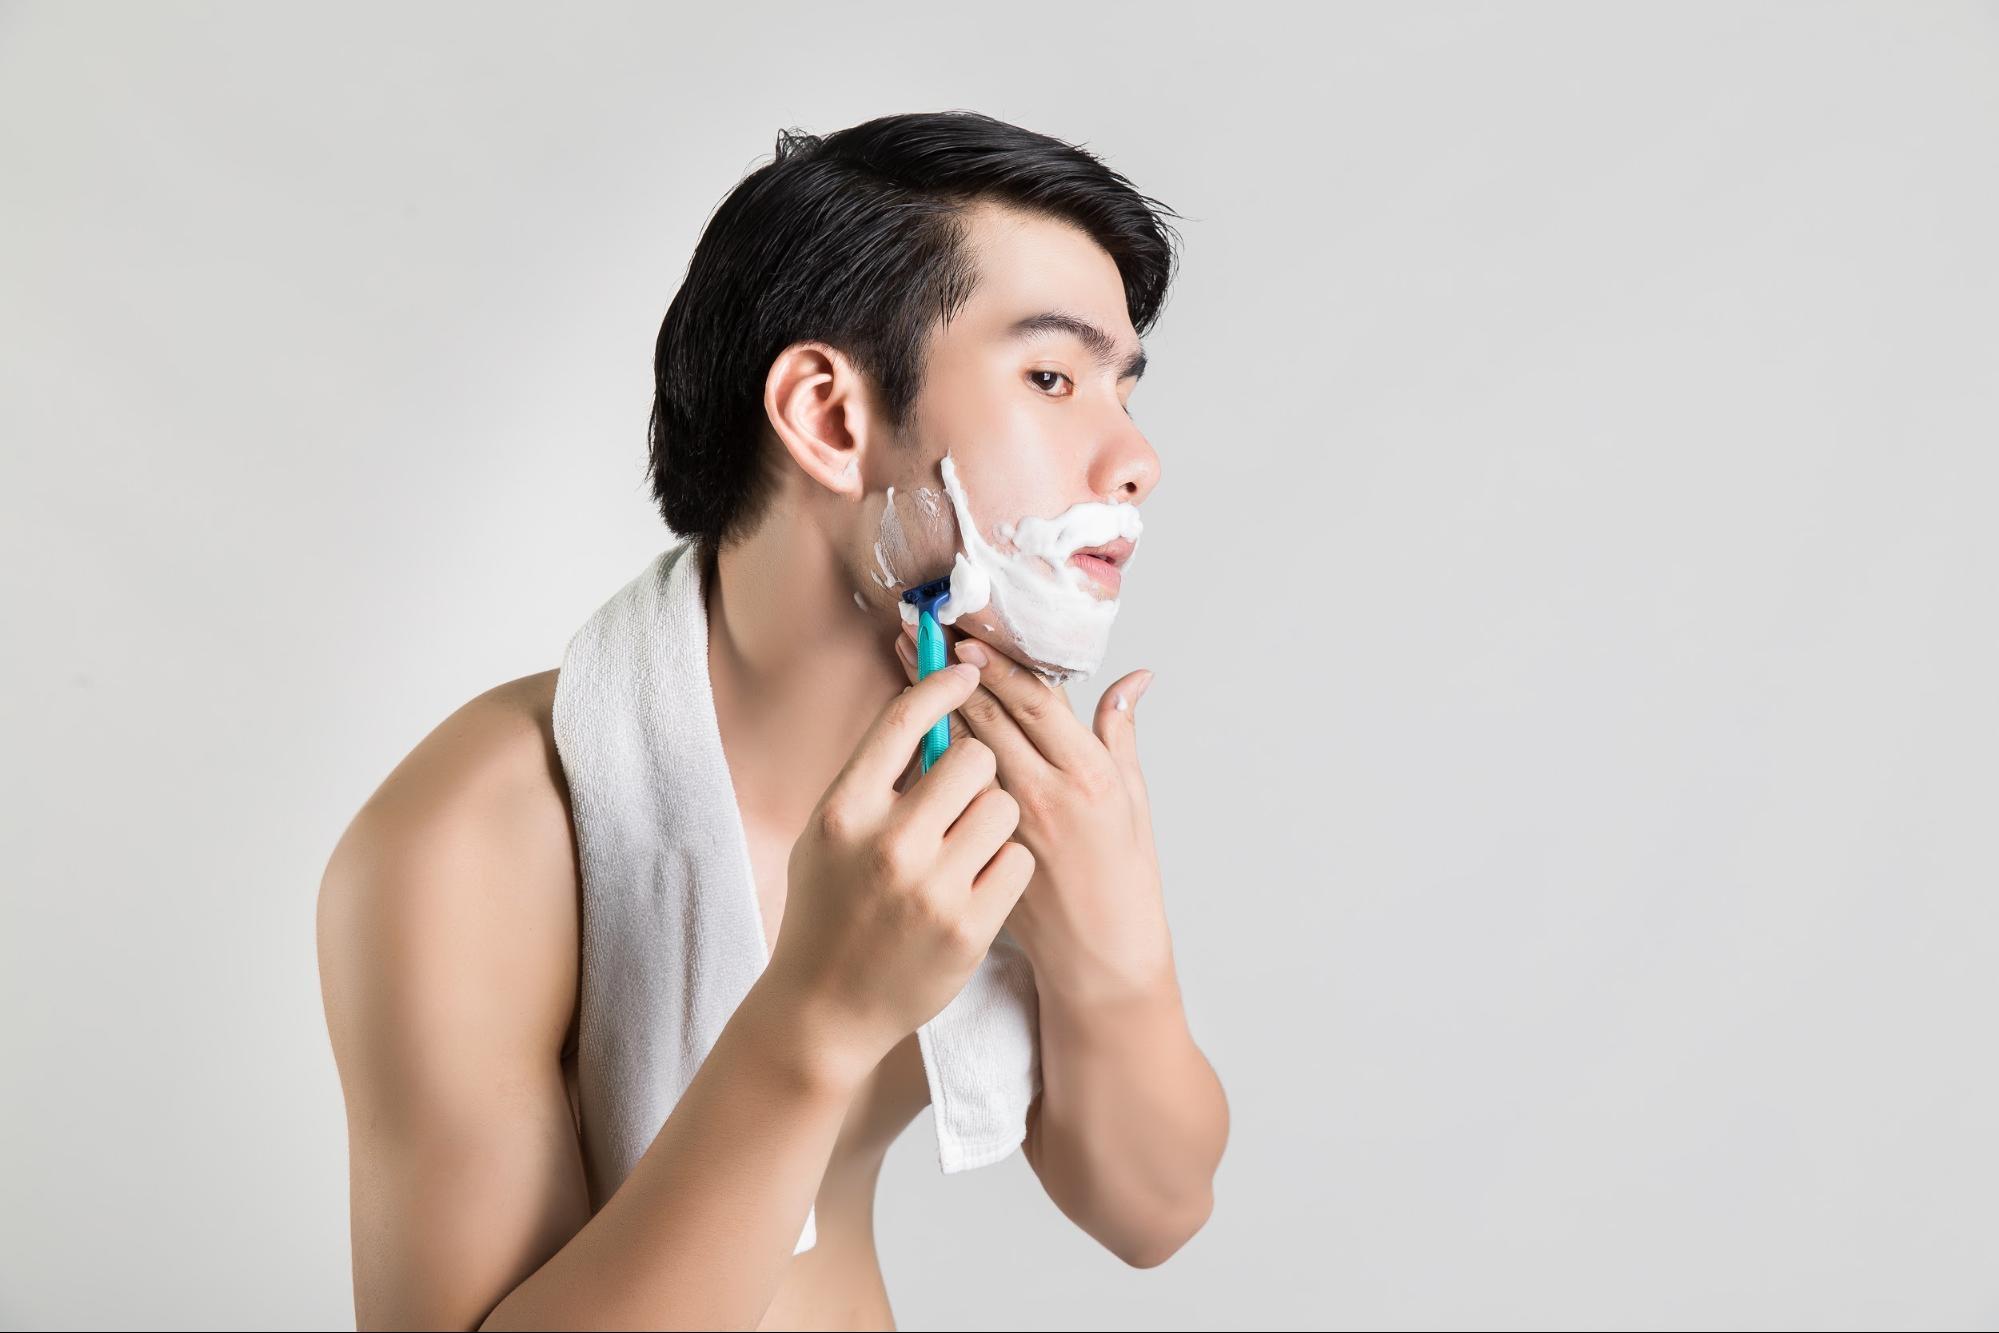 刮鬍後使用鬍後水